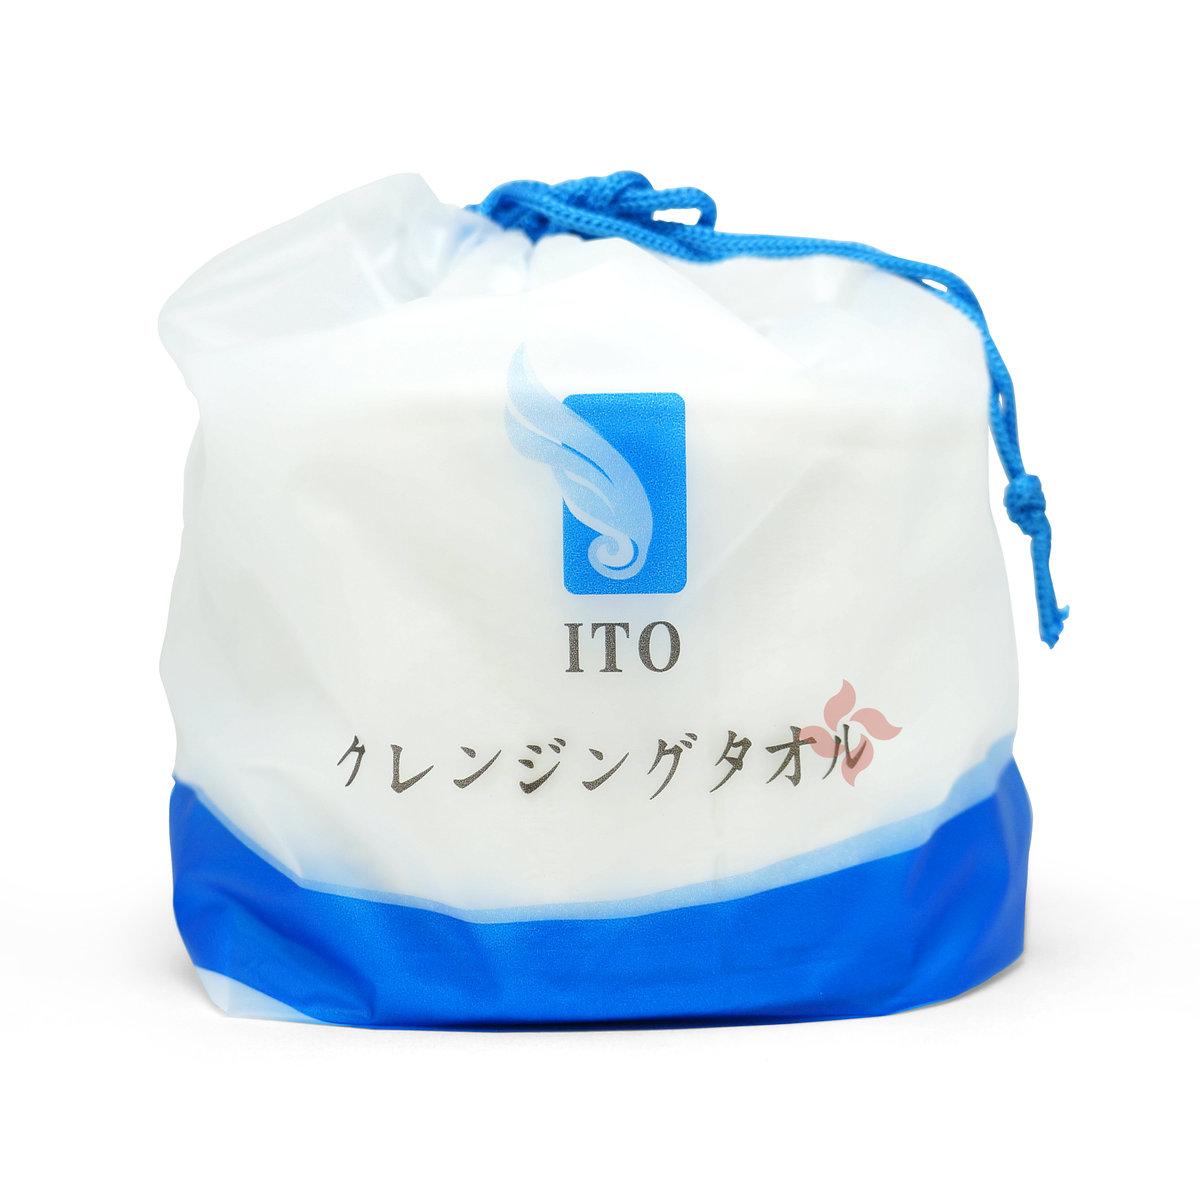 珍珠棉柔一次性洗臉巾 80枚 (20cm x 20cm)  (4573267336961)